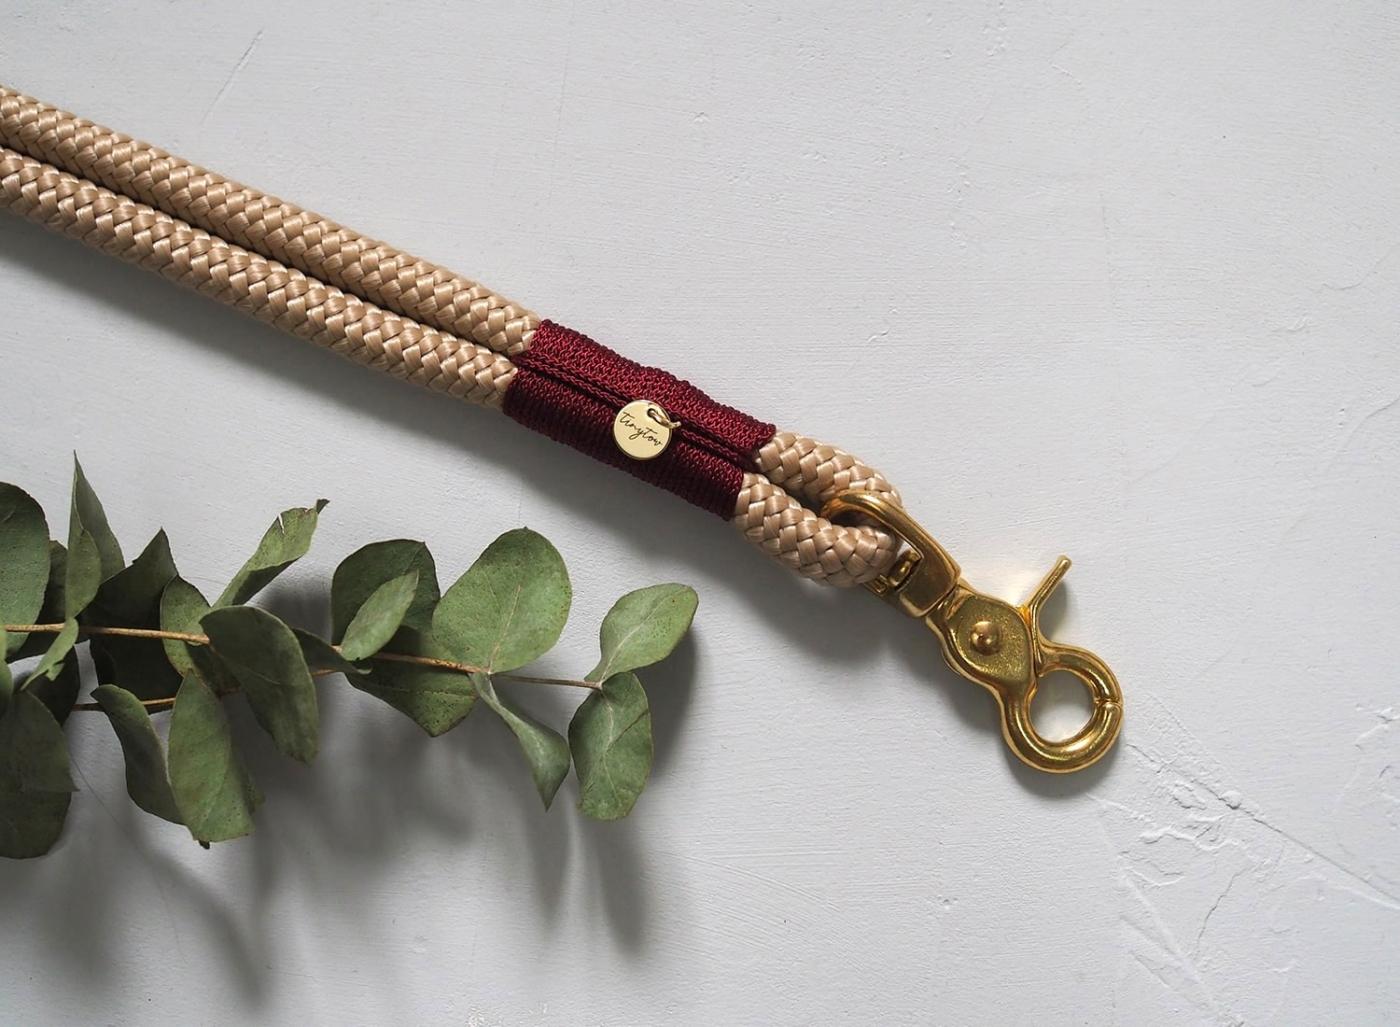 Halsband Tow aus Tauwerk mit robusten Messing-Beschlägen mit beigem Tauwerk und weinroter Takelung. Maßgeschneidert für deinen Hund.